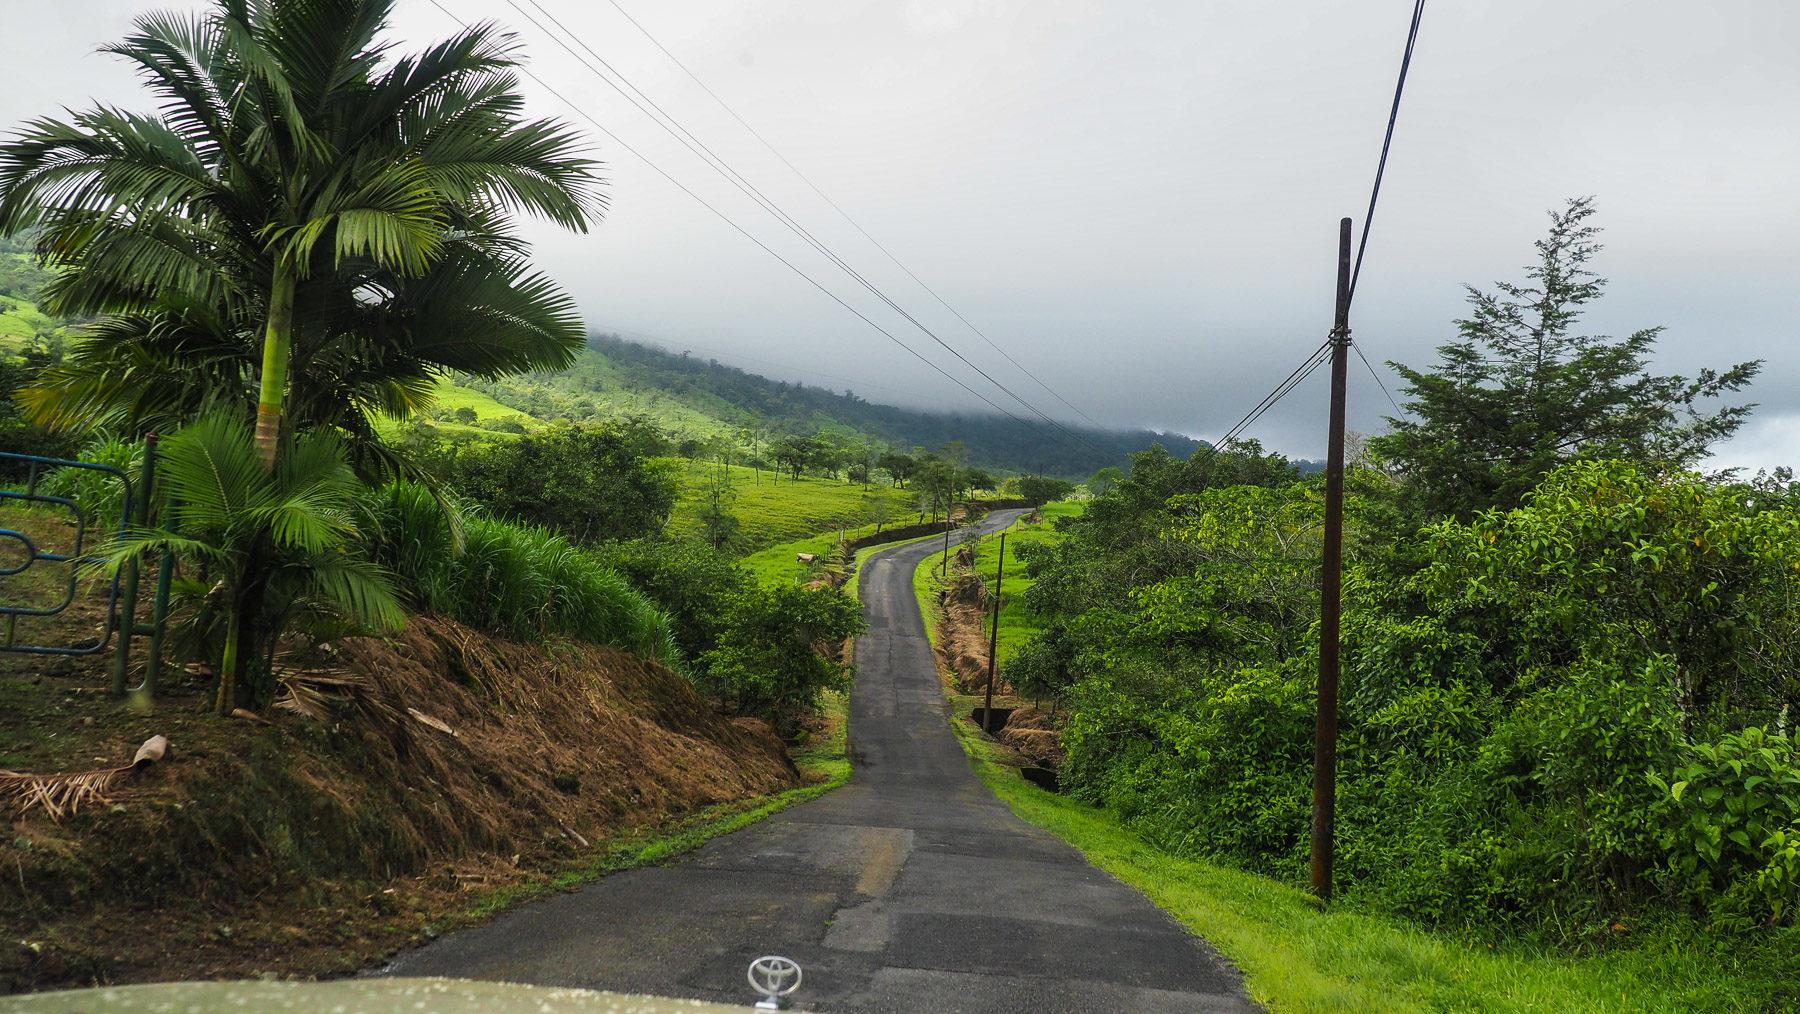 Auf dem Weg in die wolkenverhangene Karibik